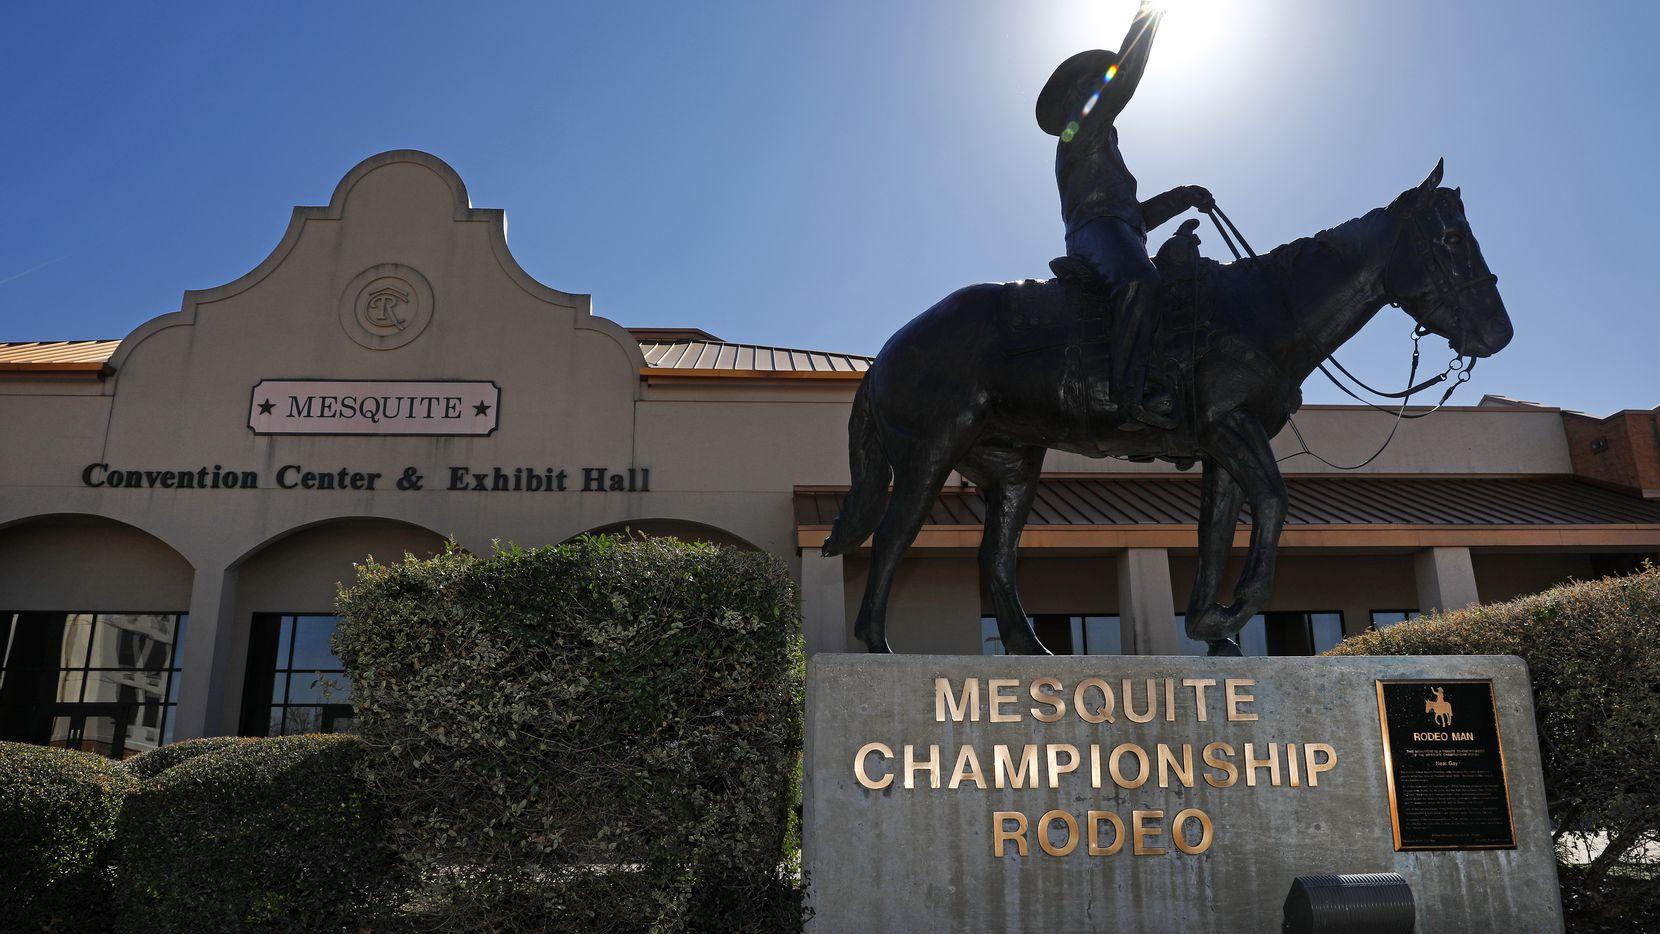 El Mesquite Championship Rodeo regresa este fin de semana.